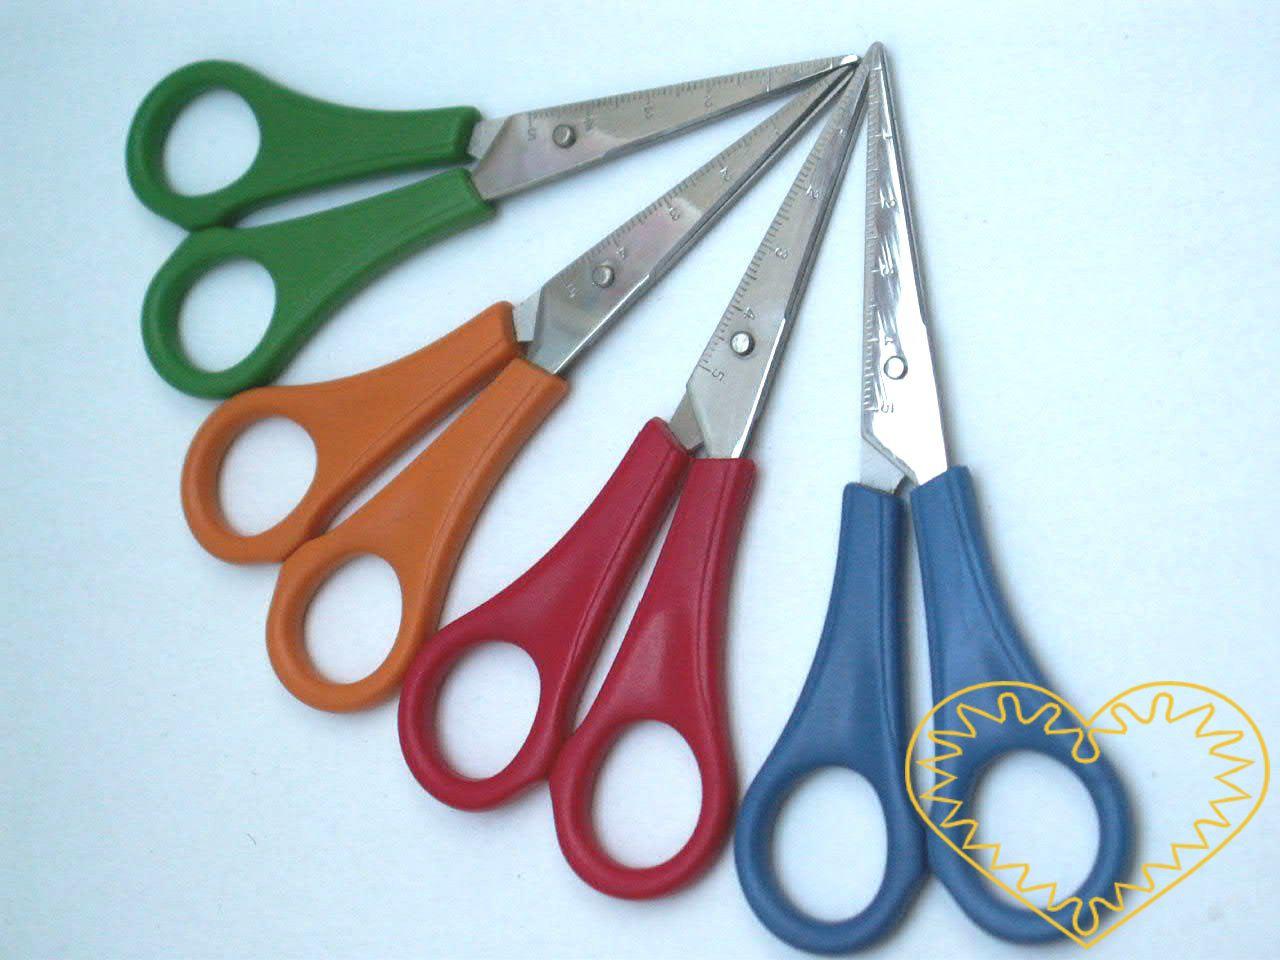 Dětské nůžky pro leváky. Nůžky jsou kovové s umělou rukojetí. Na vnější straně nože mají vyryto měřítko s milimetry a centimetry, což umožňuje změřit si potřebnou délku střihu.